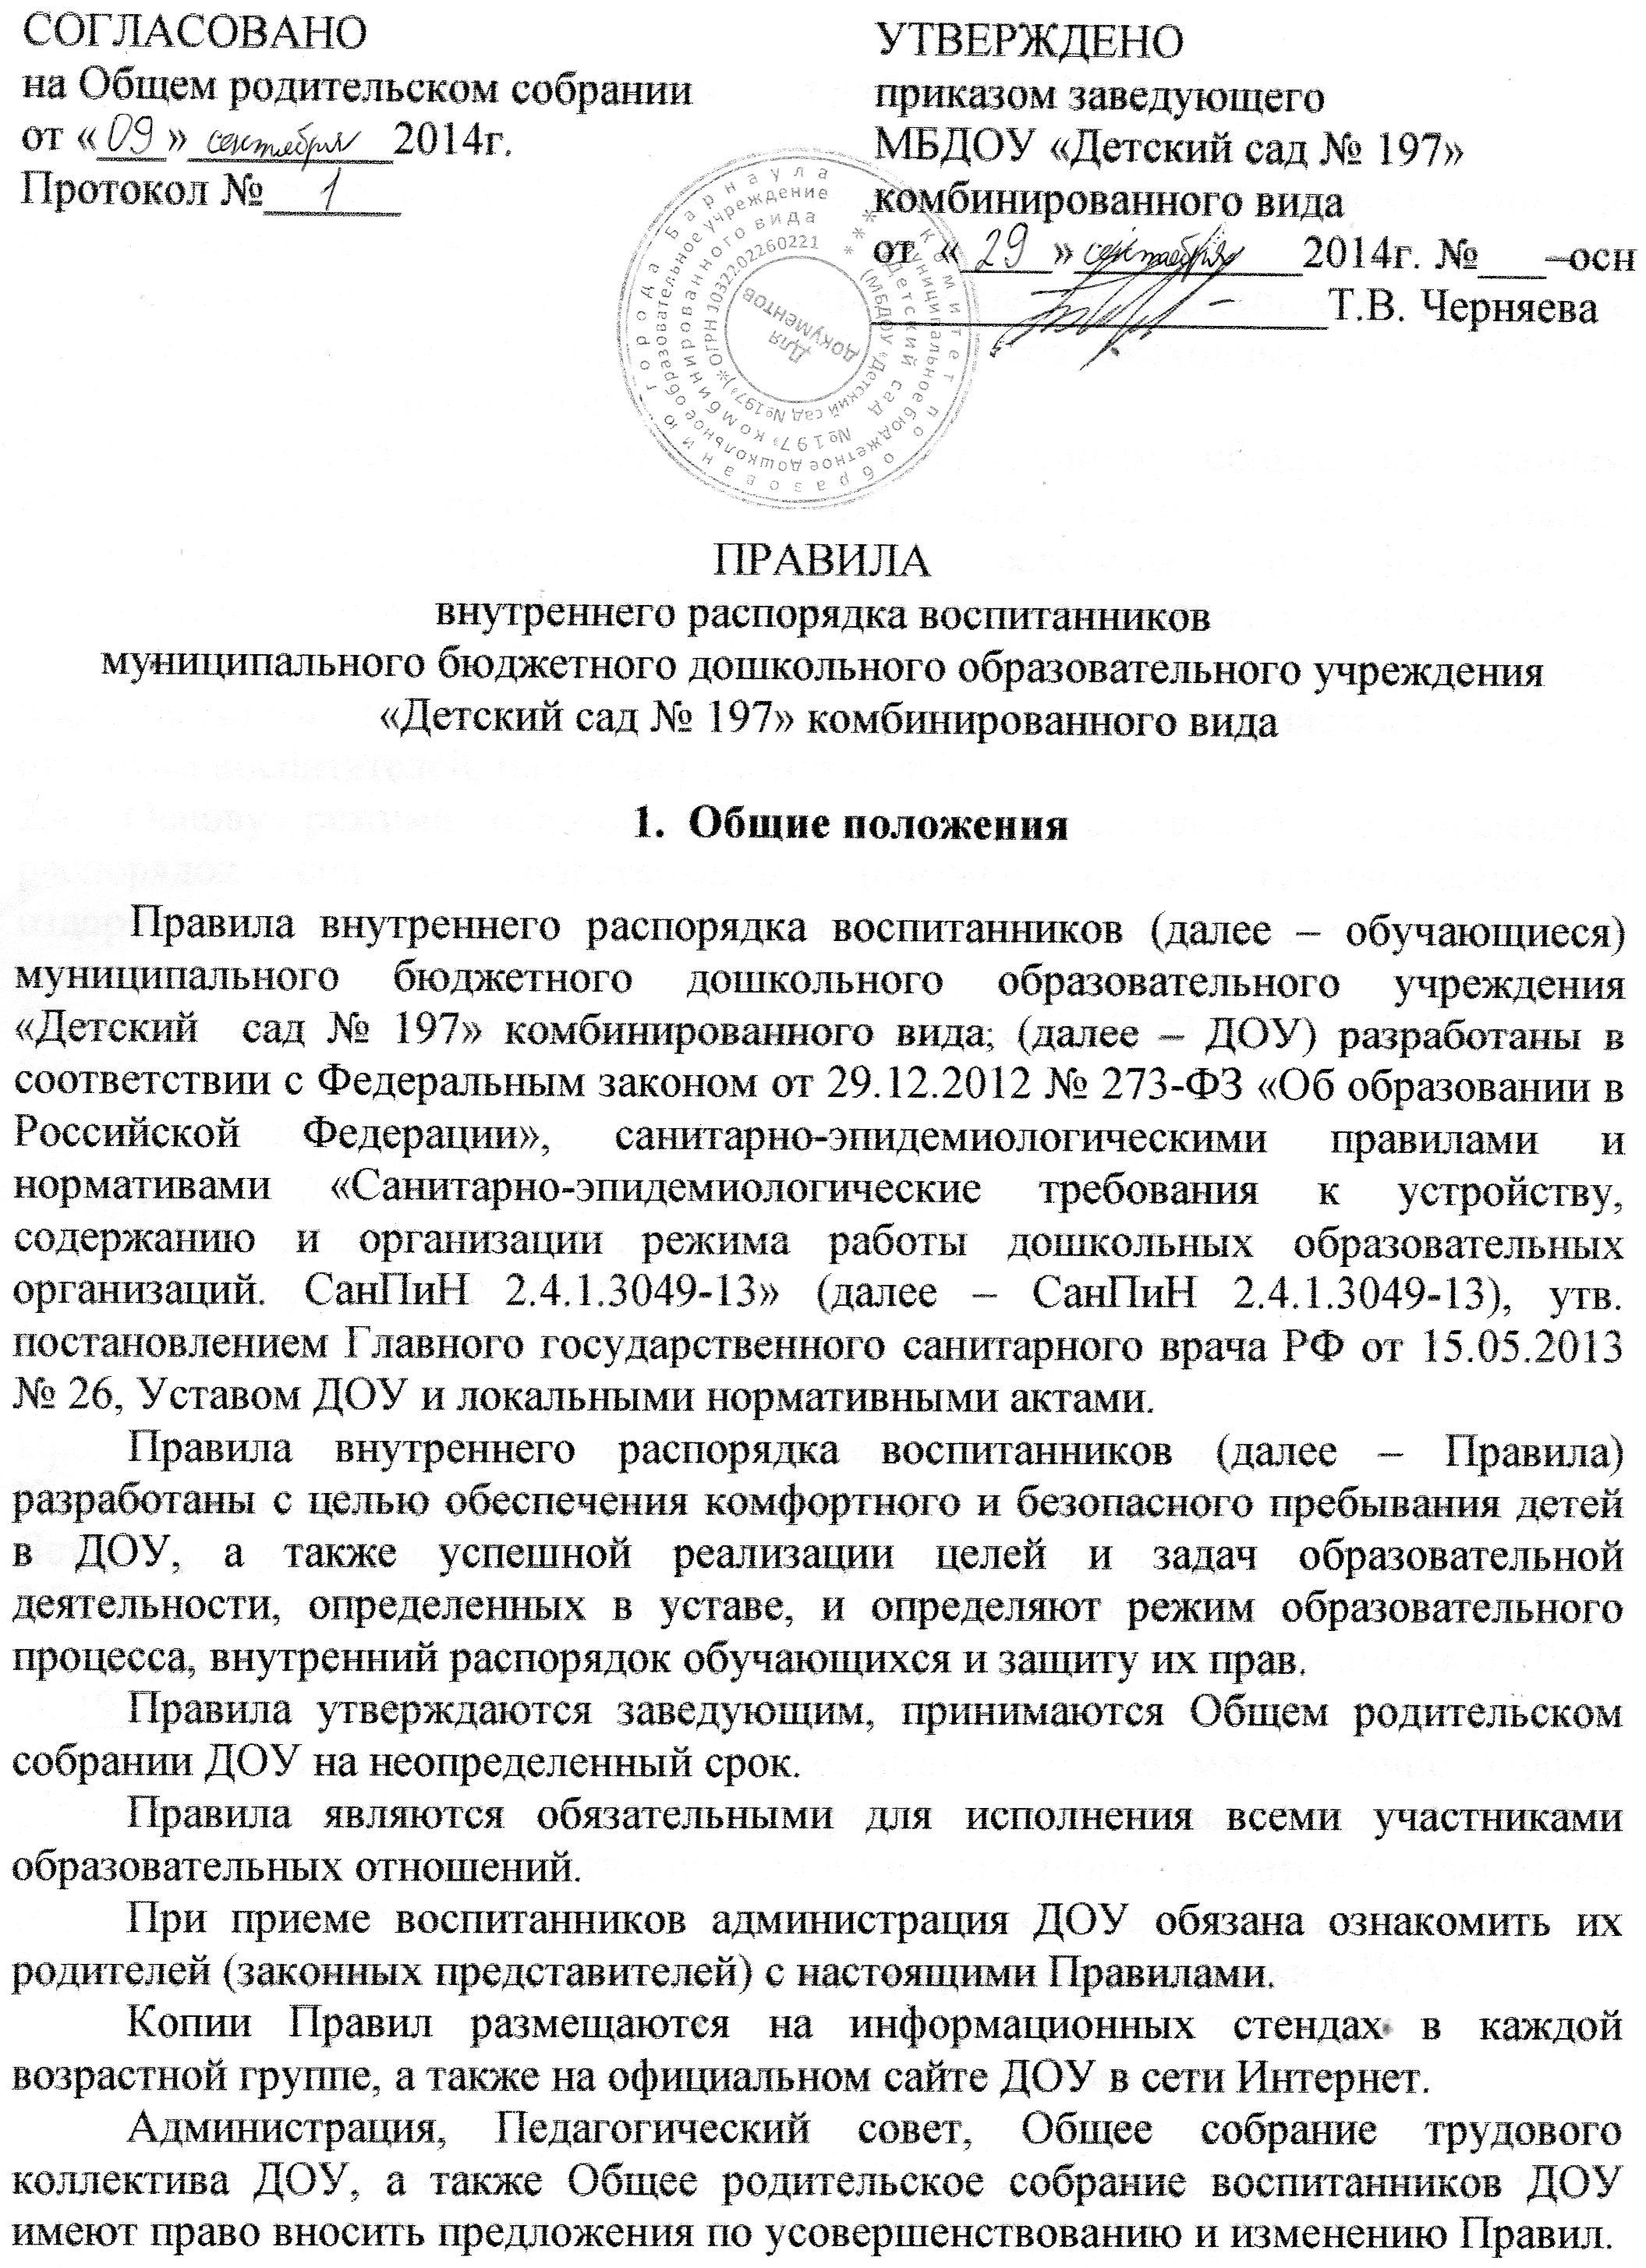 инструкция для работников доу по санпин 2 4 1 3049